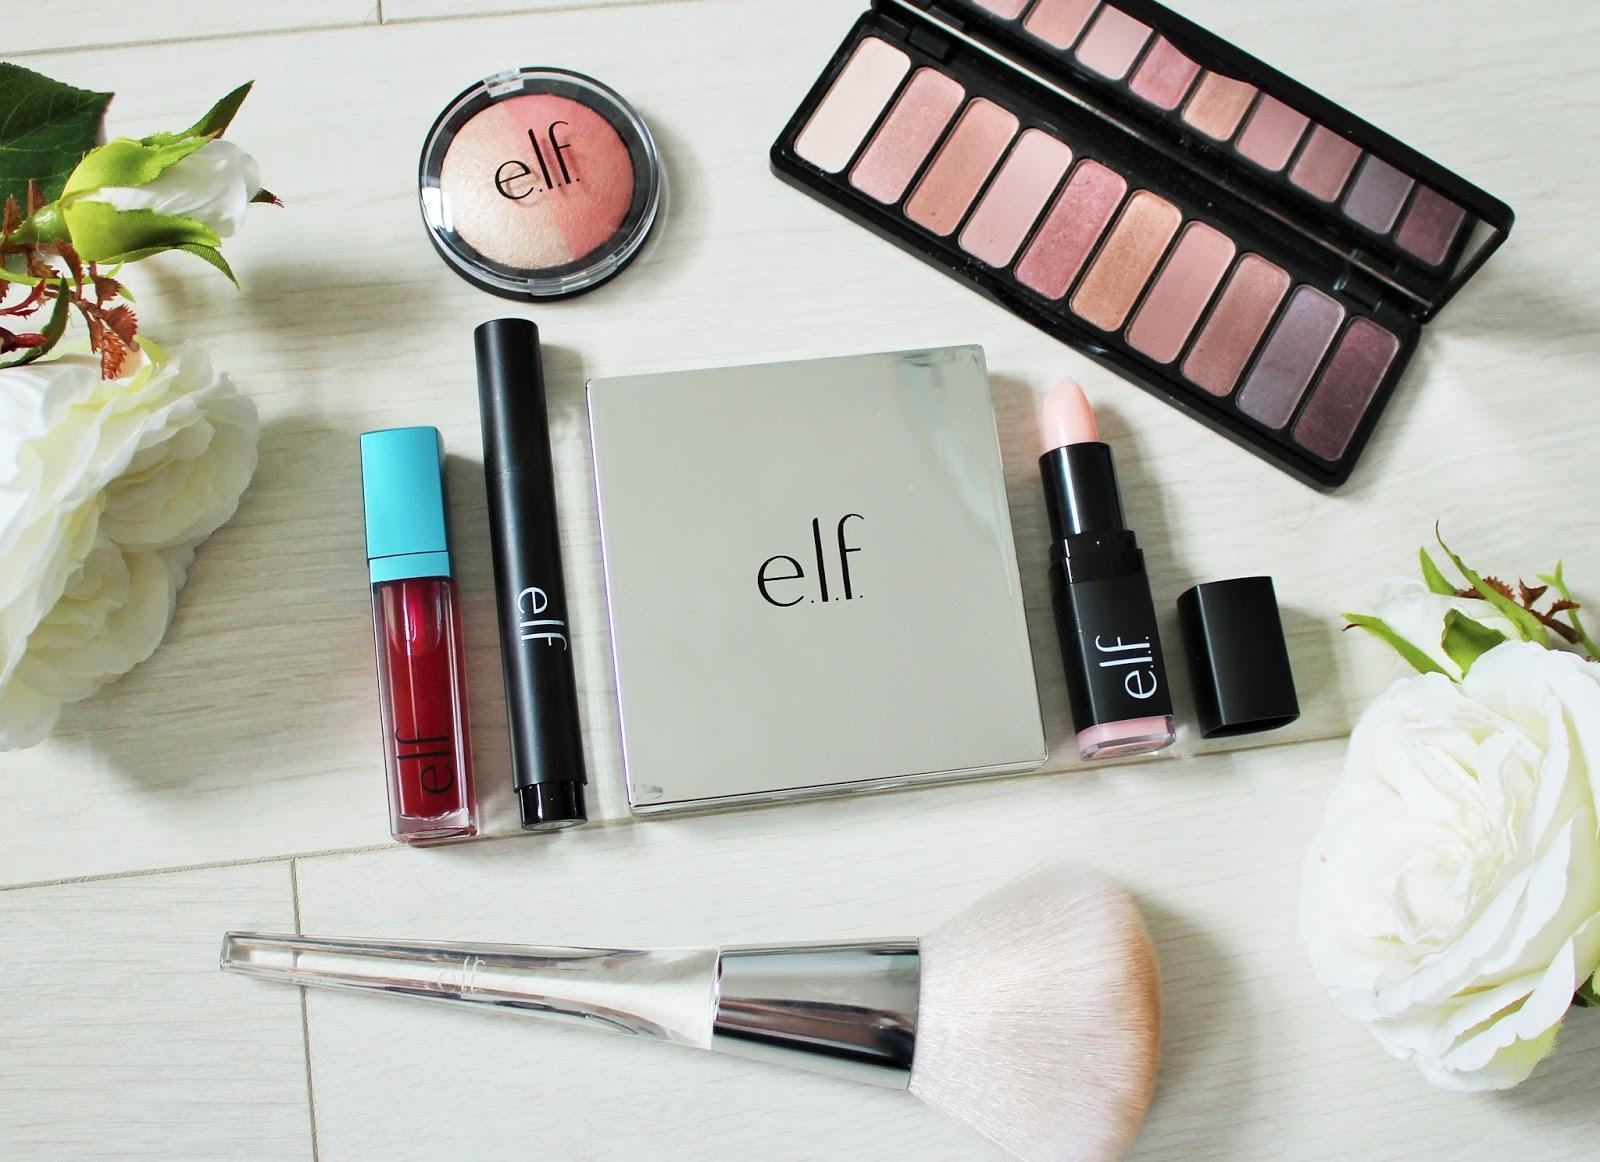 E.l.f. Cosmetics 1